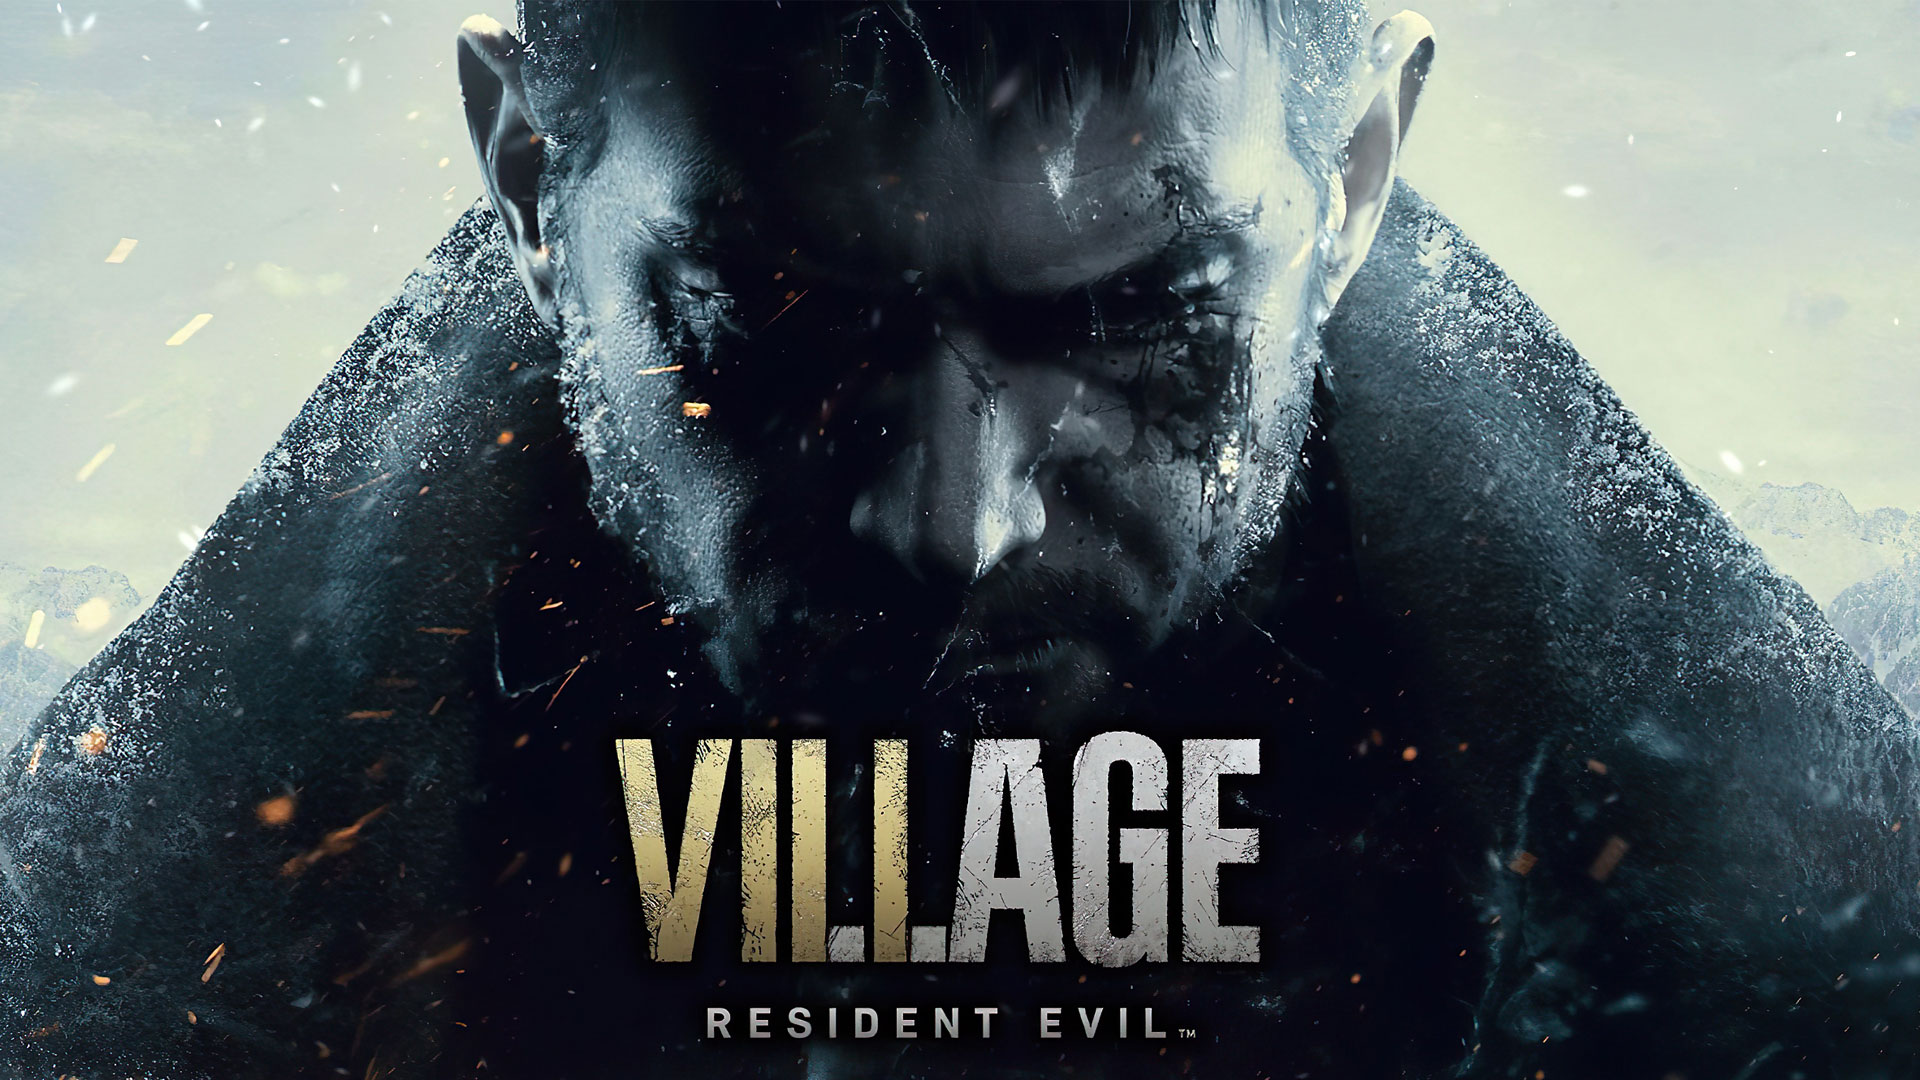 کریس ردفیلد در بازی Resident Evil 8: Village در حالی که سر خود را پایین انداخته است و کت کلفت به تن دارد